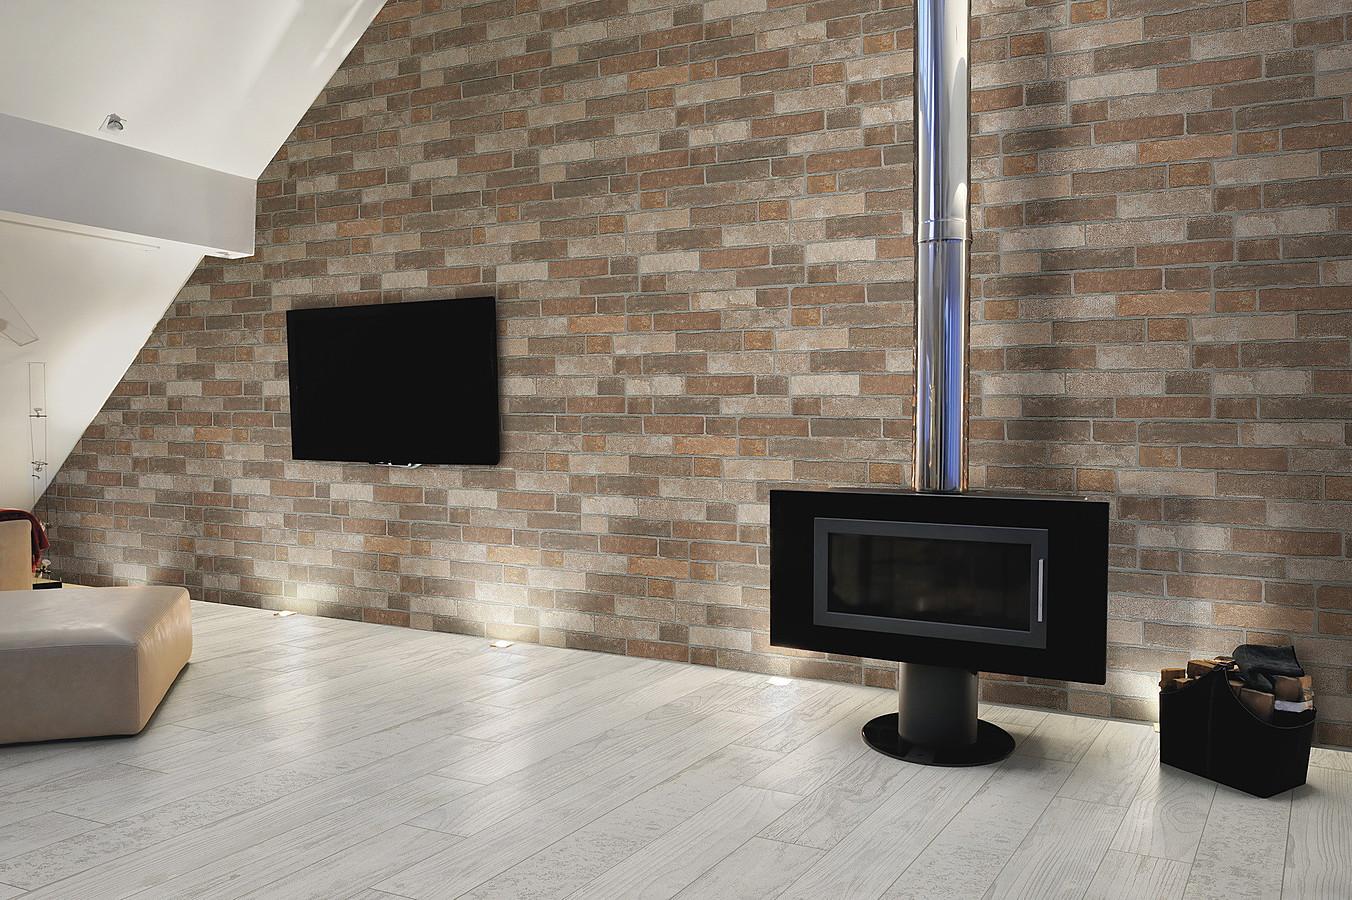 Mosaici wall brick di savoia tile expert u rivenditore di